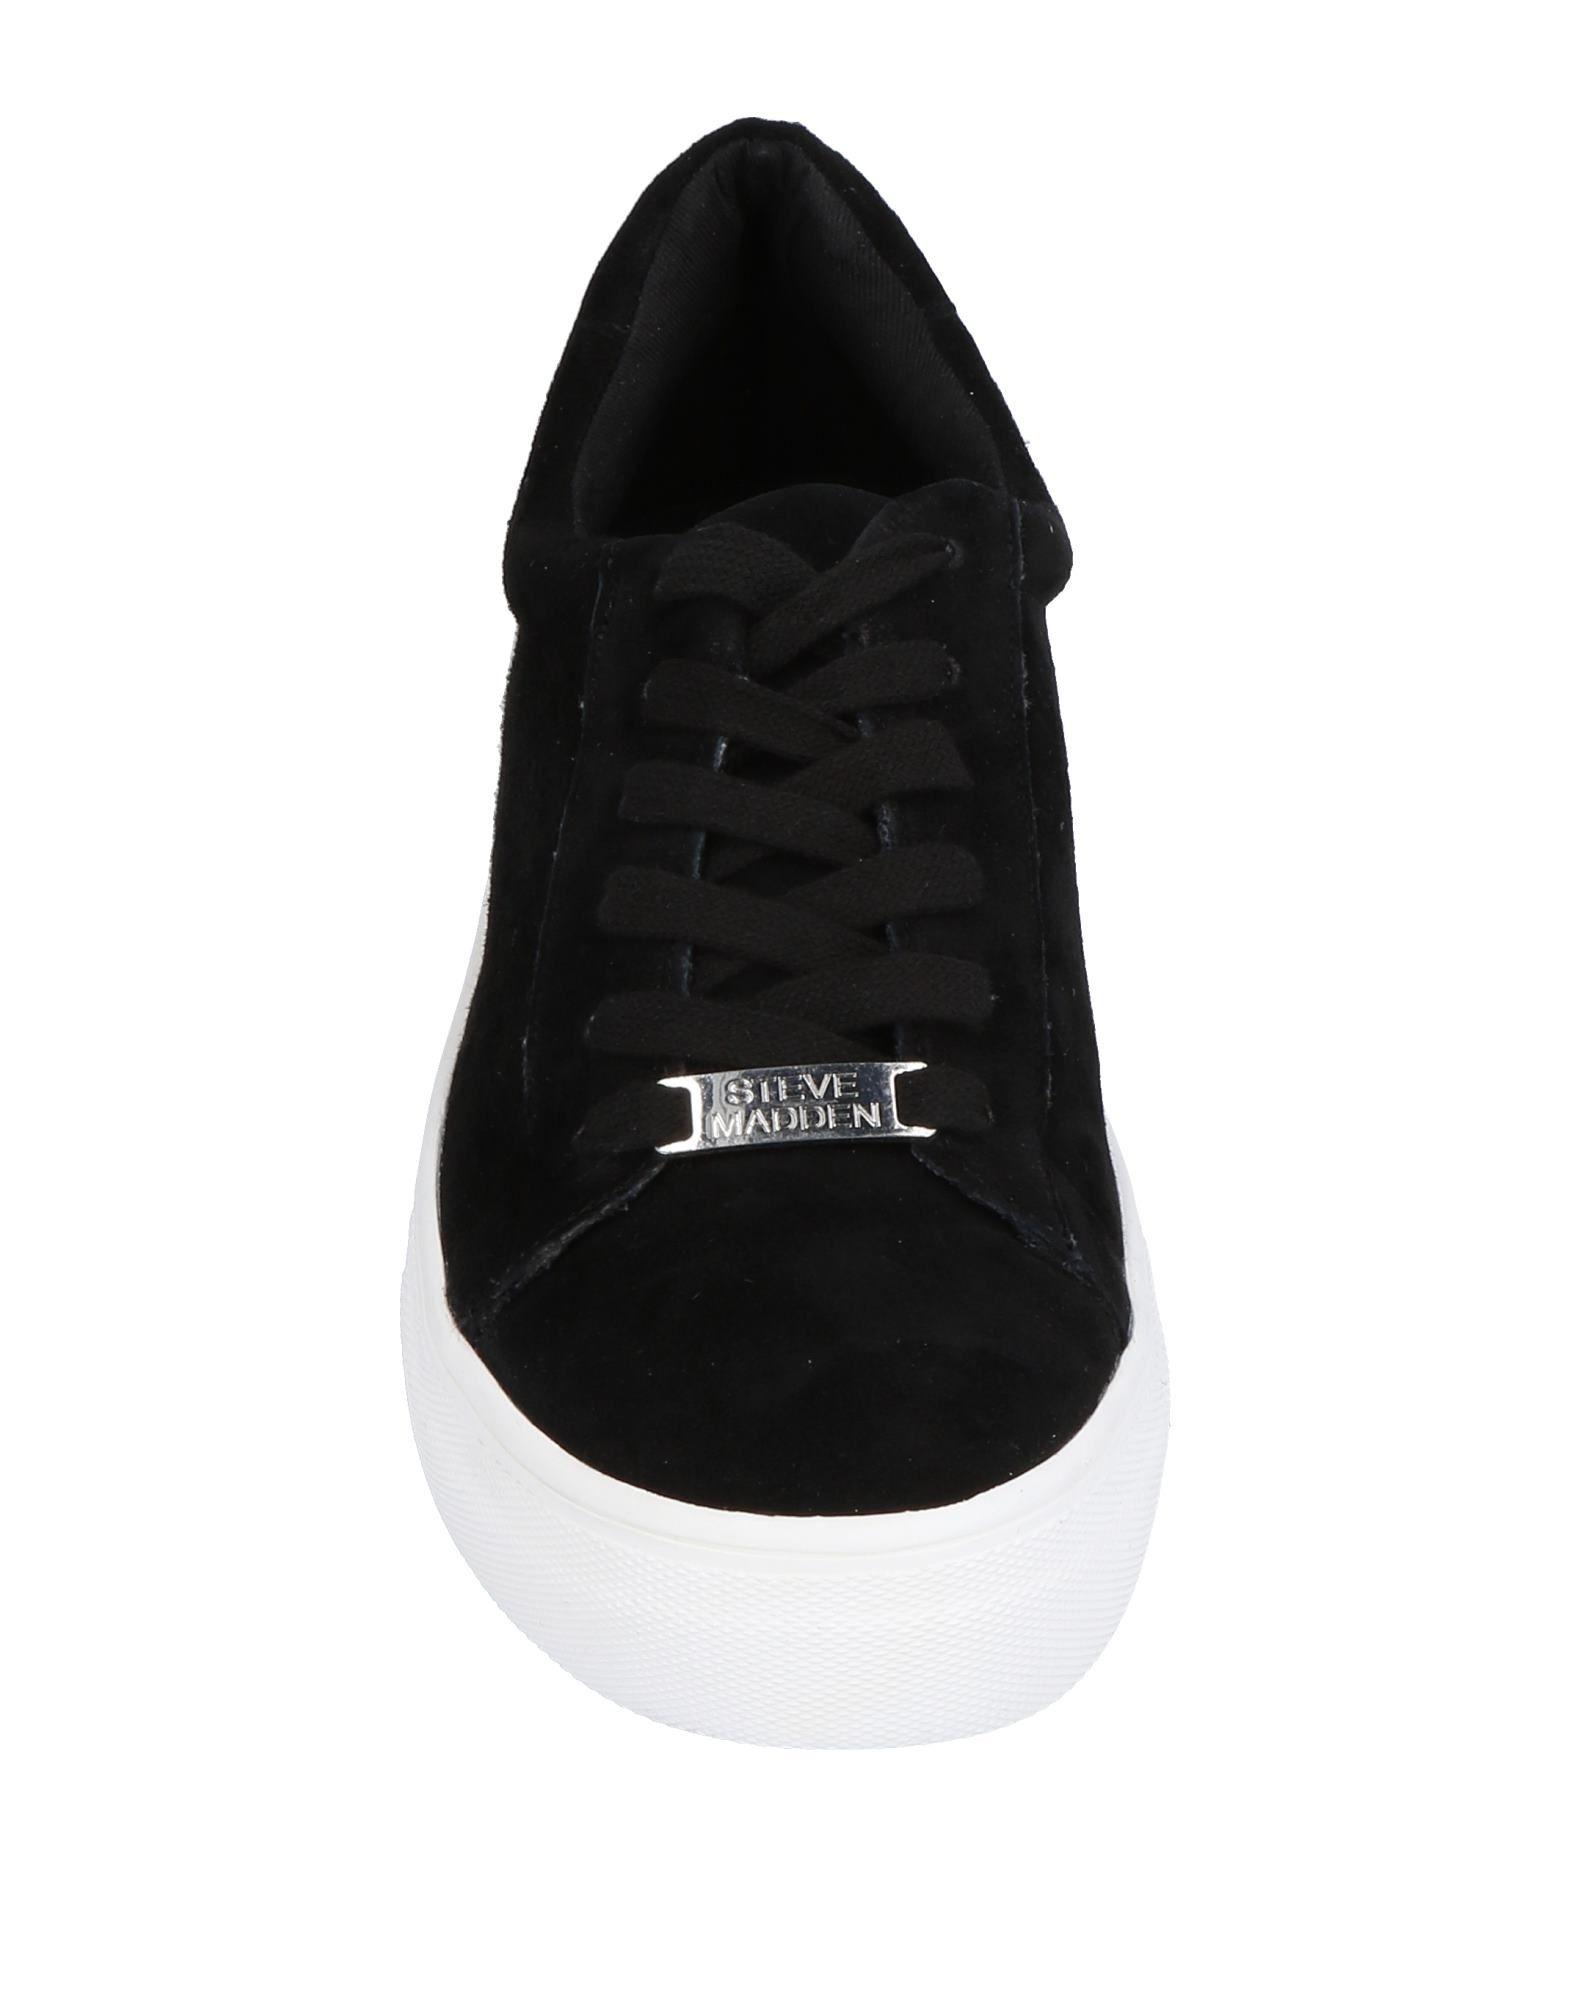 Steve Madden Sneakers - Women Steve Madden Sneakers online on on on  United Kingdom - 11467228KH b90dc4